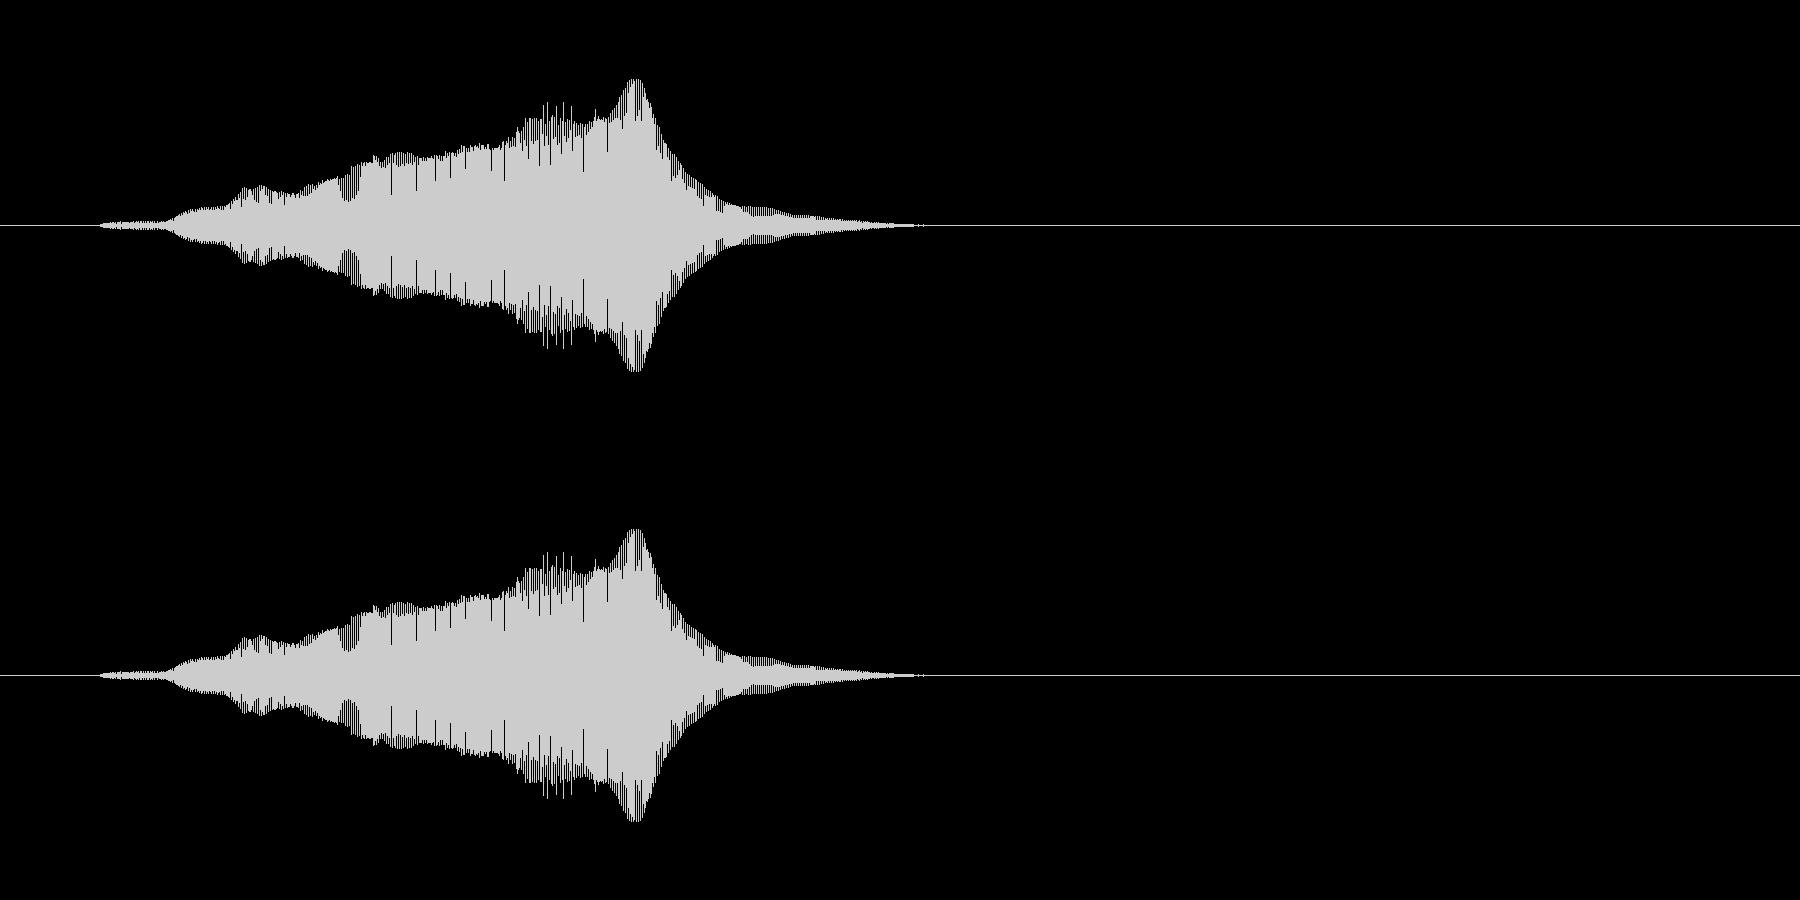 にゃーん(猫の鳴き声)パート06の未再生の波形